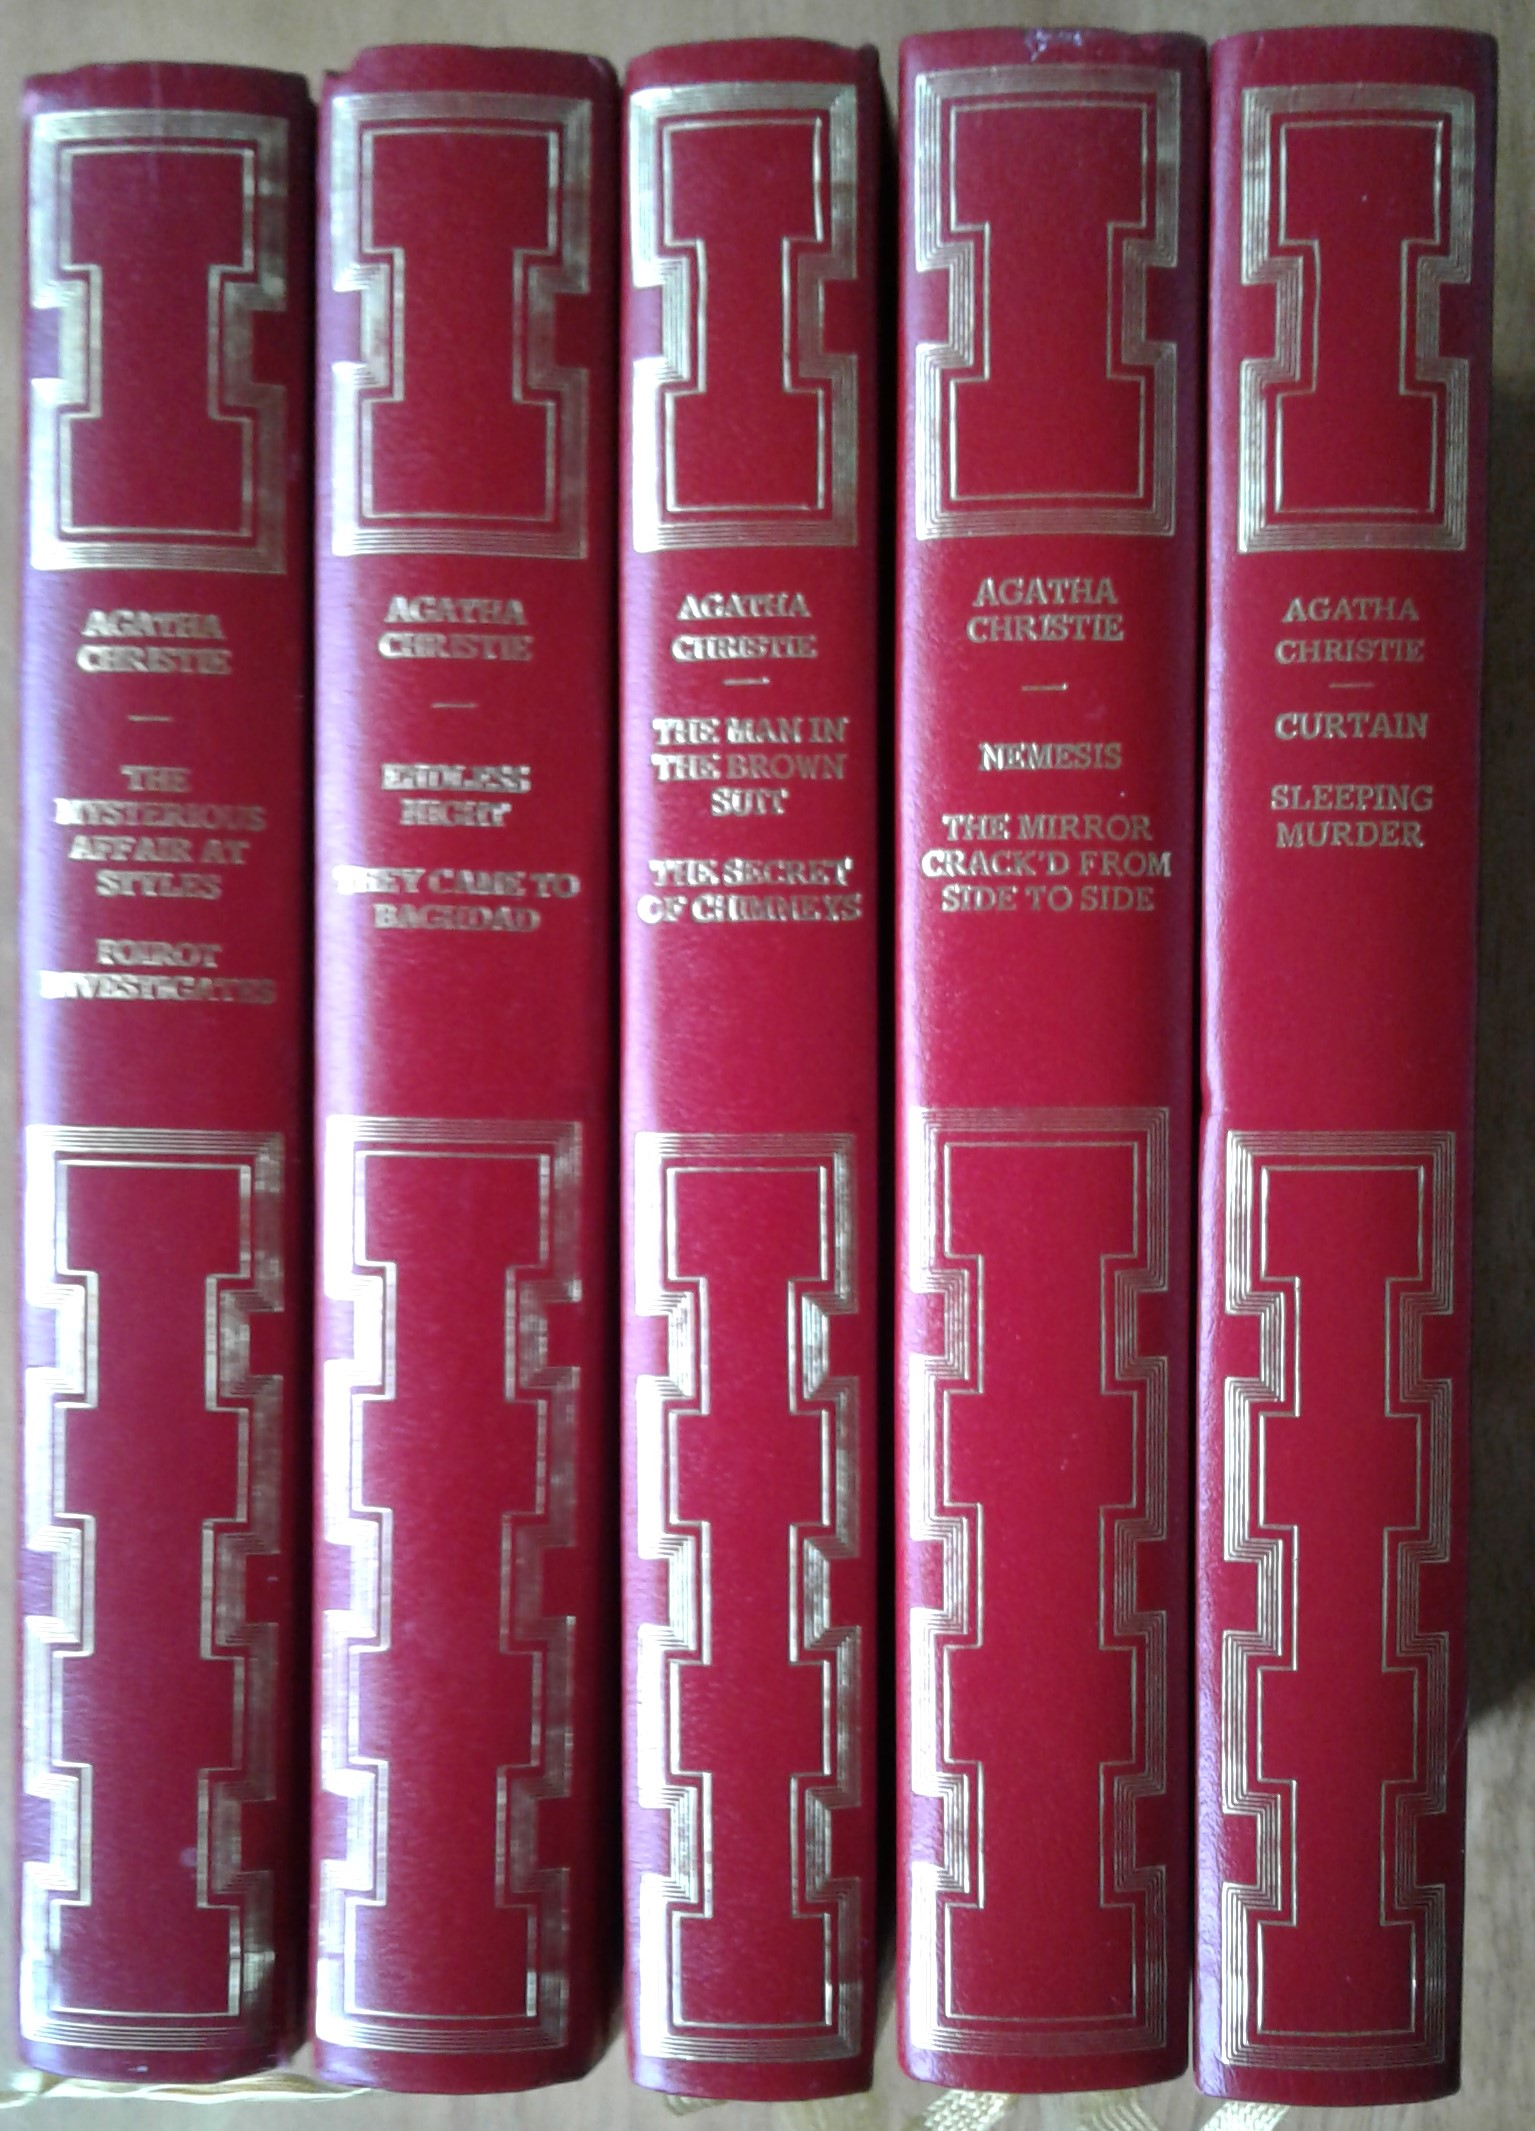 Agatha Christie books